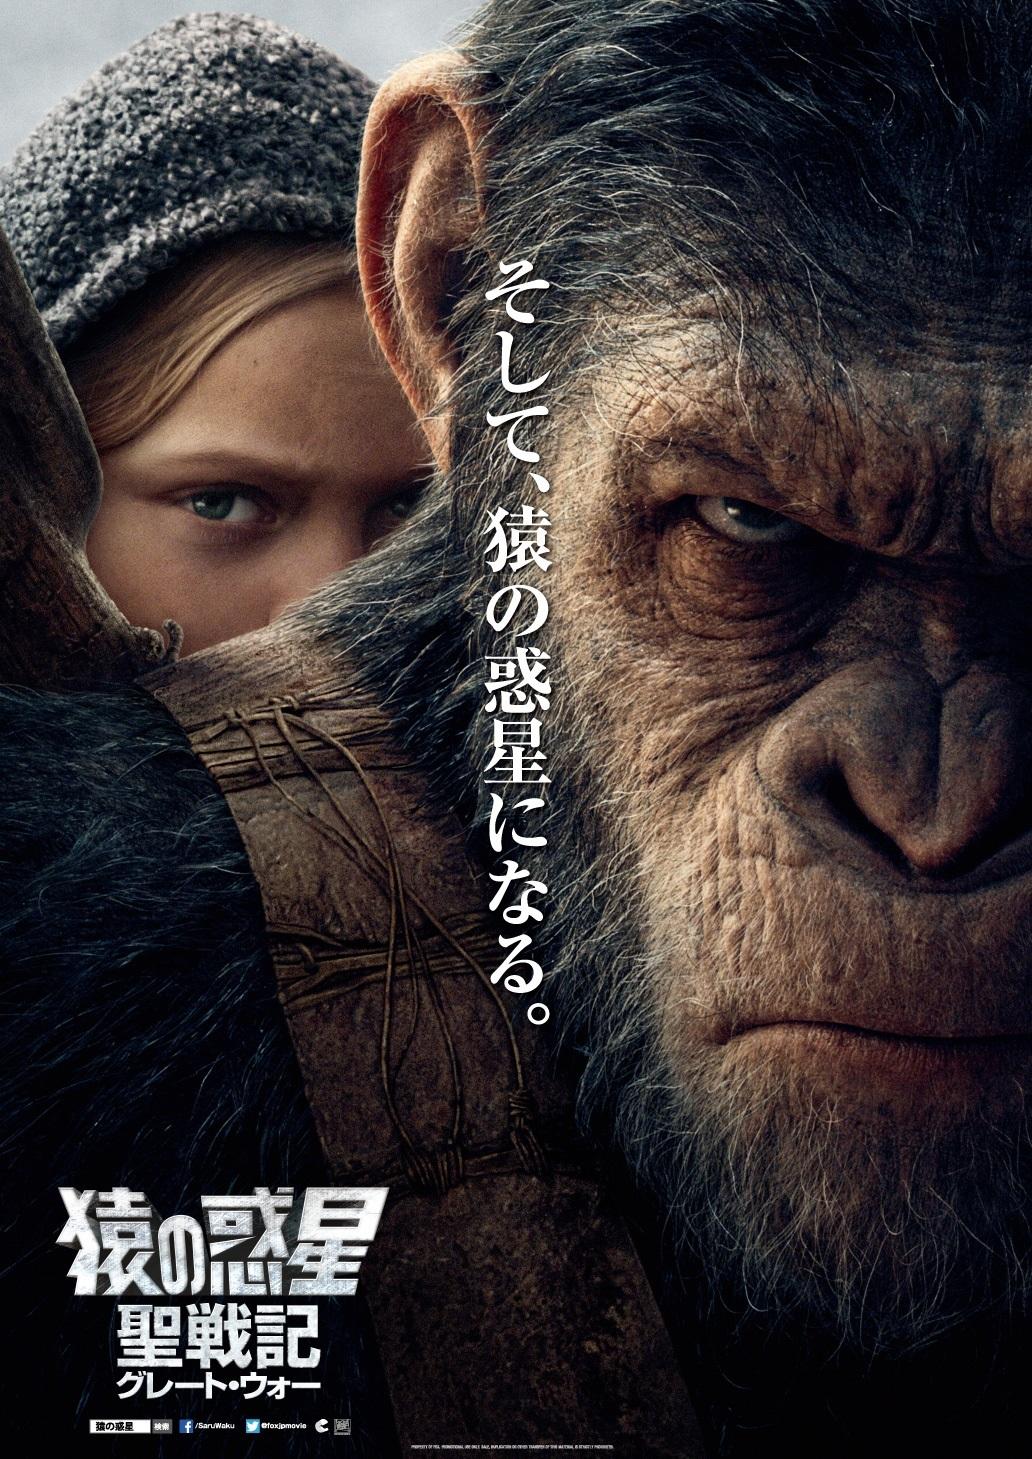 映画『猿の惑星:聖戦記(グレート・ウォー)』 (C) 2017 Twentieth Century Fox Film Corporation